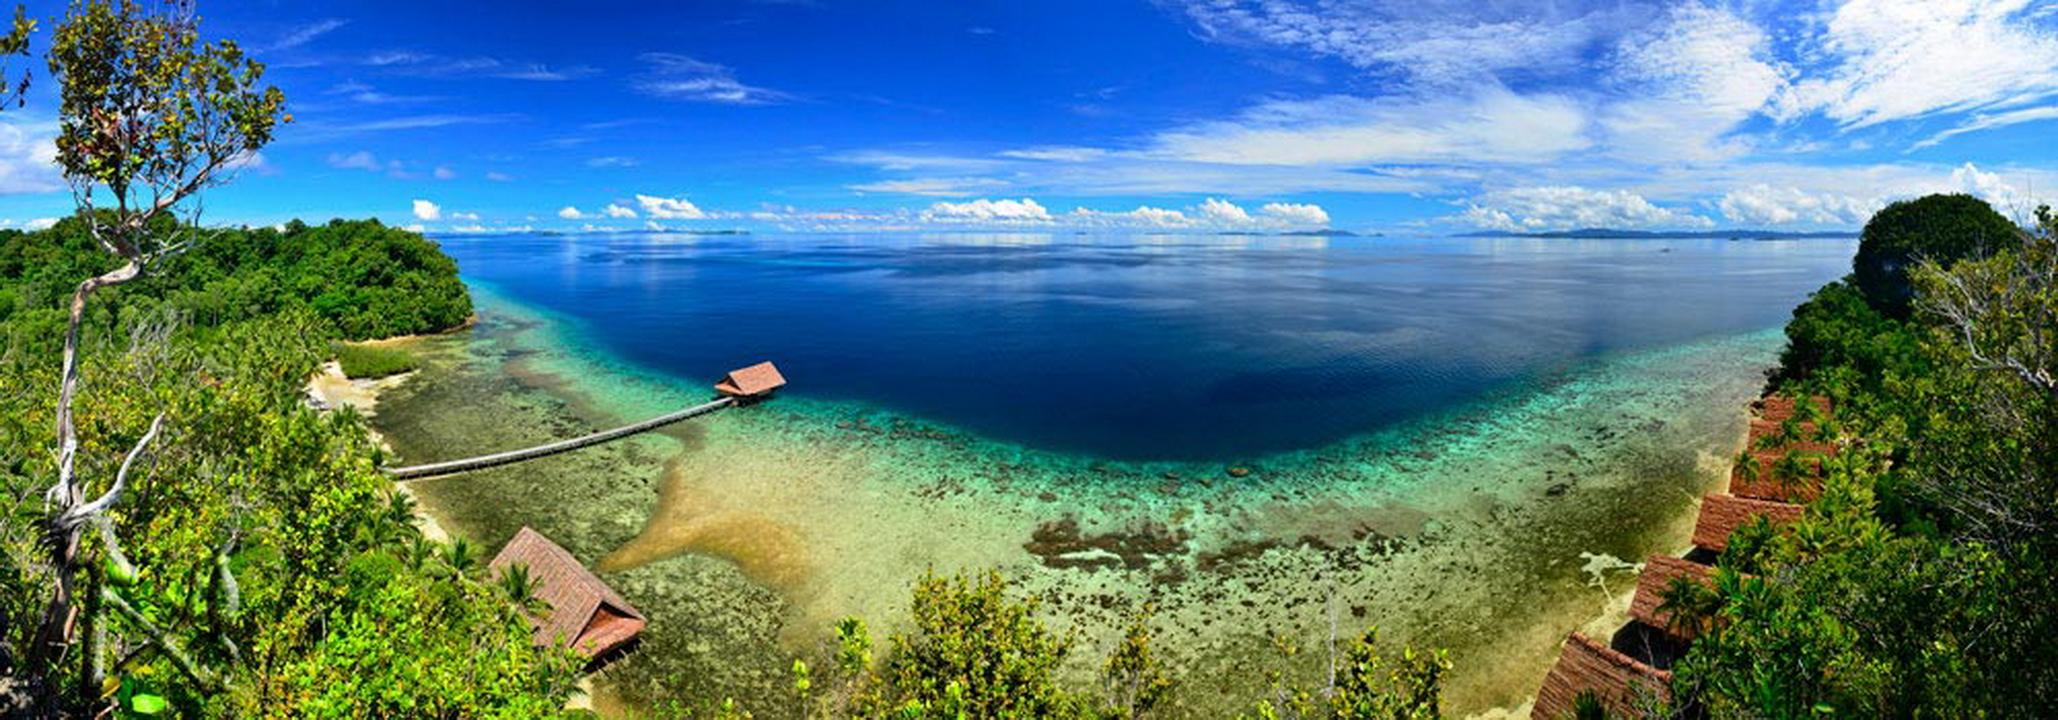 Raja 4 divers resort - Raja ampat dive resort ...